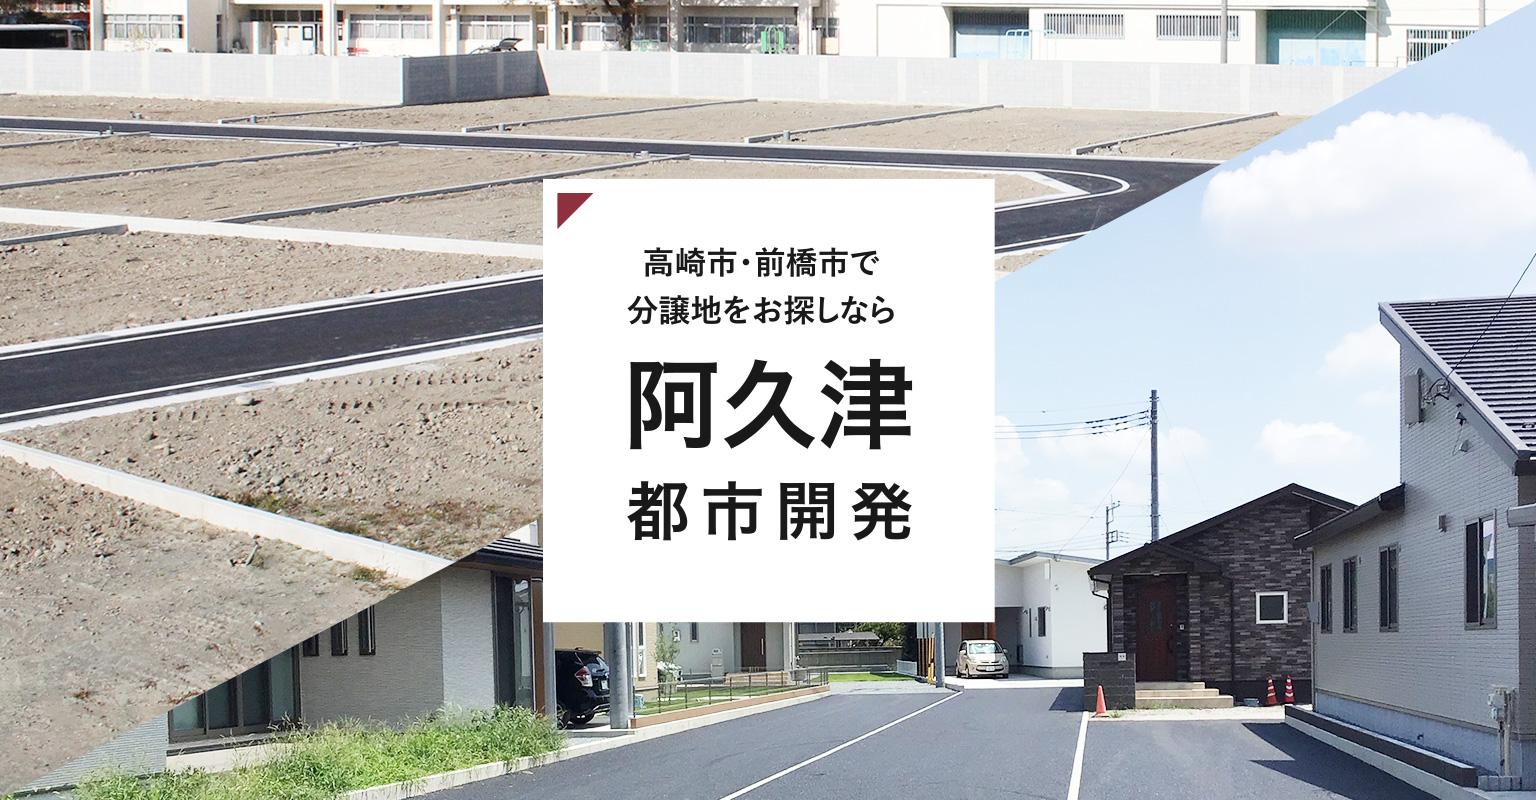 高崎市・前橋市で分譲地をお探しなら株式会社阿久津都市開発